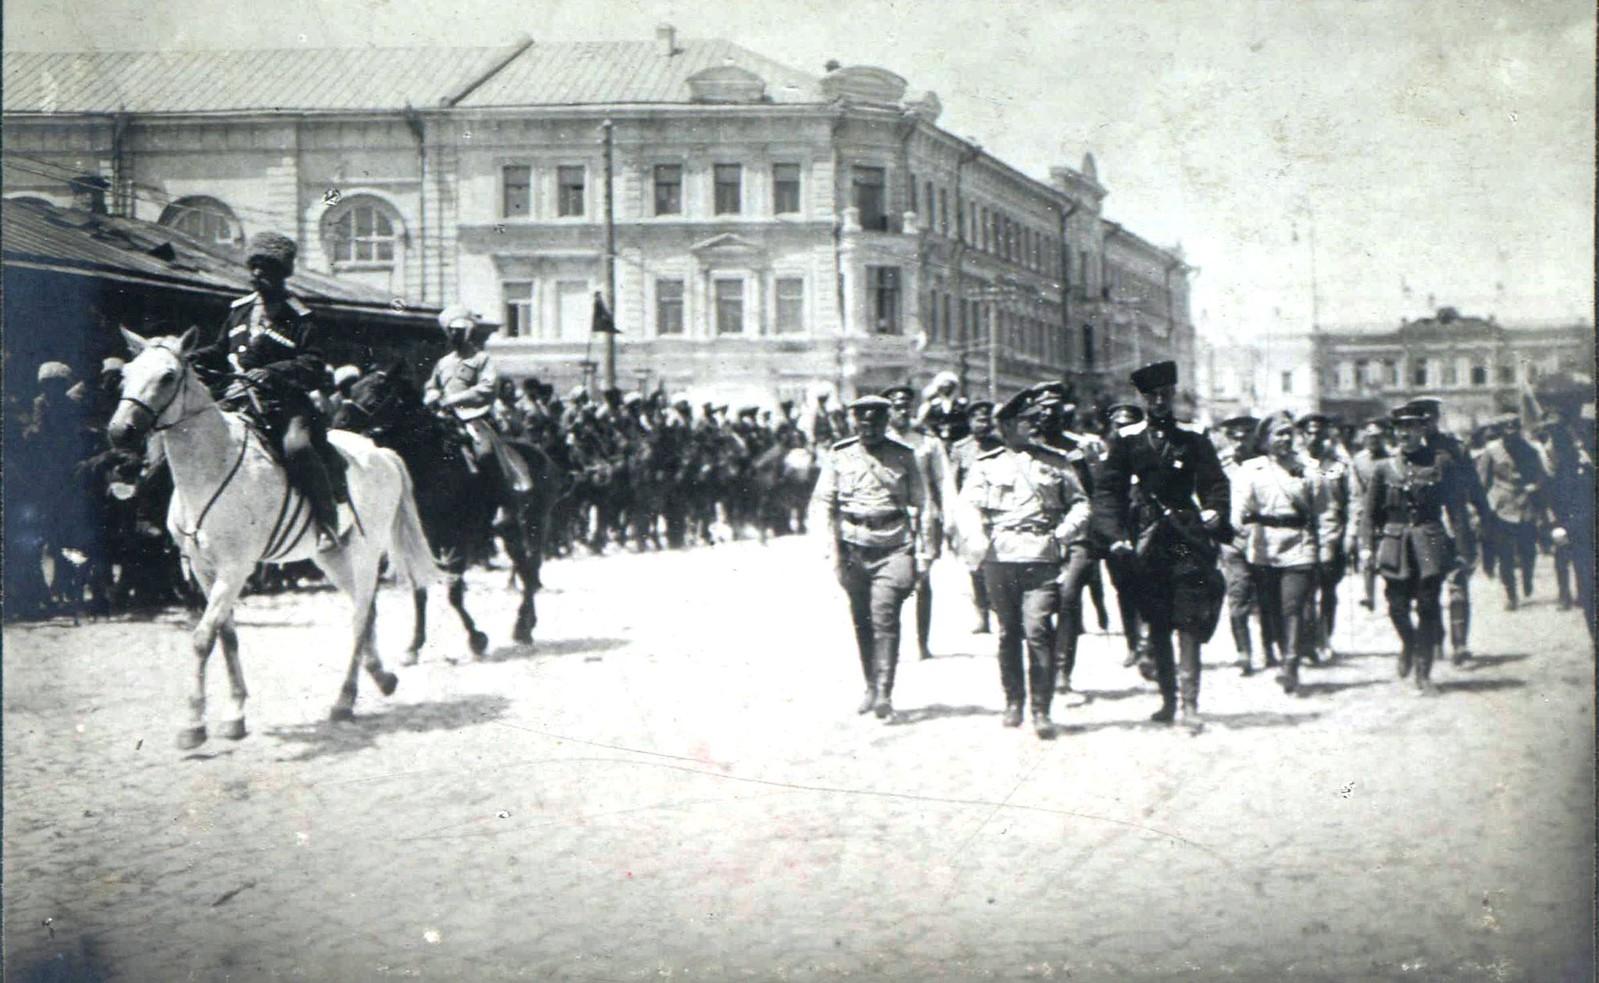 262. 1919. Деникин и Врангель на параде в Царицыне после его взятия армиями ВСЮР